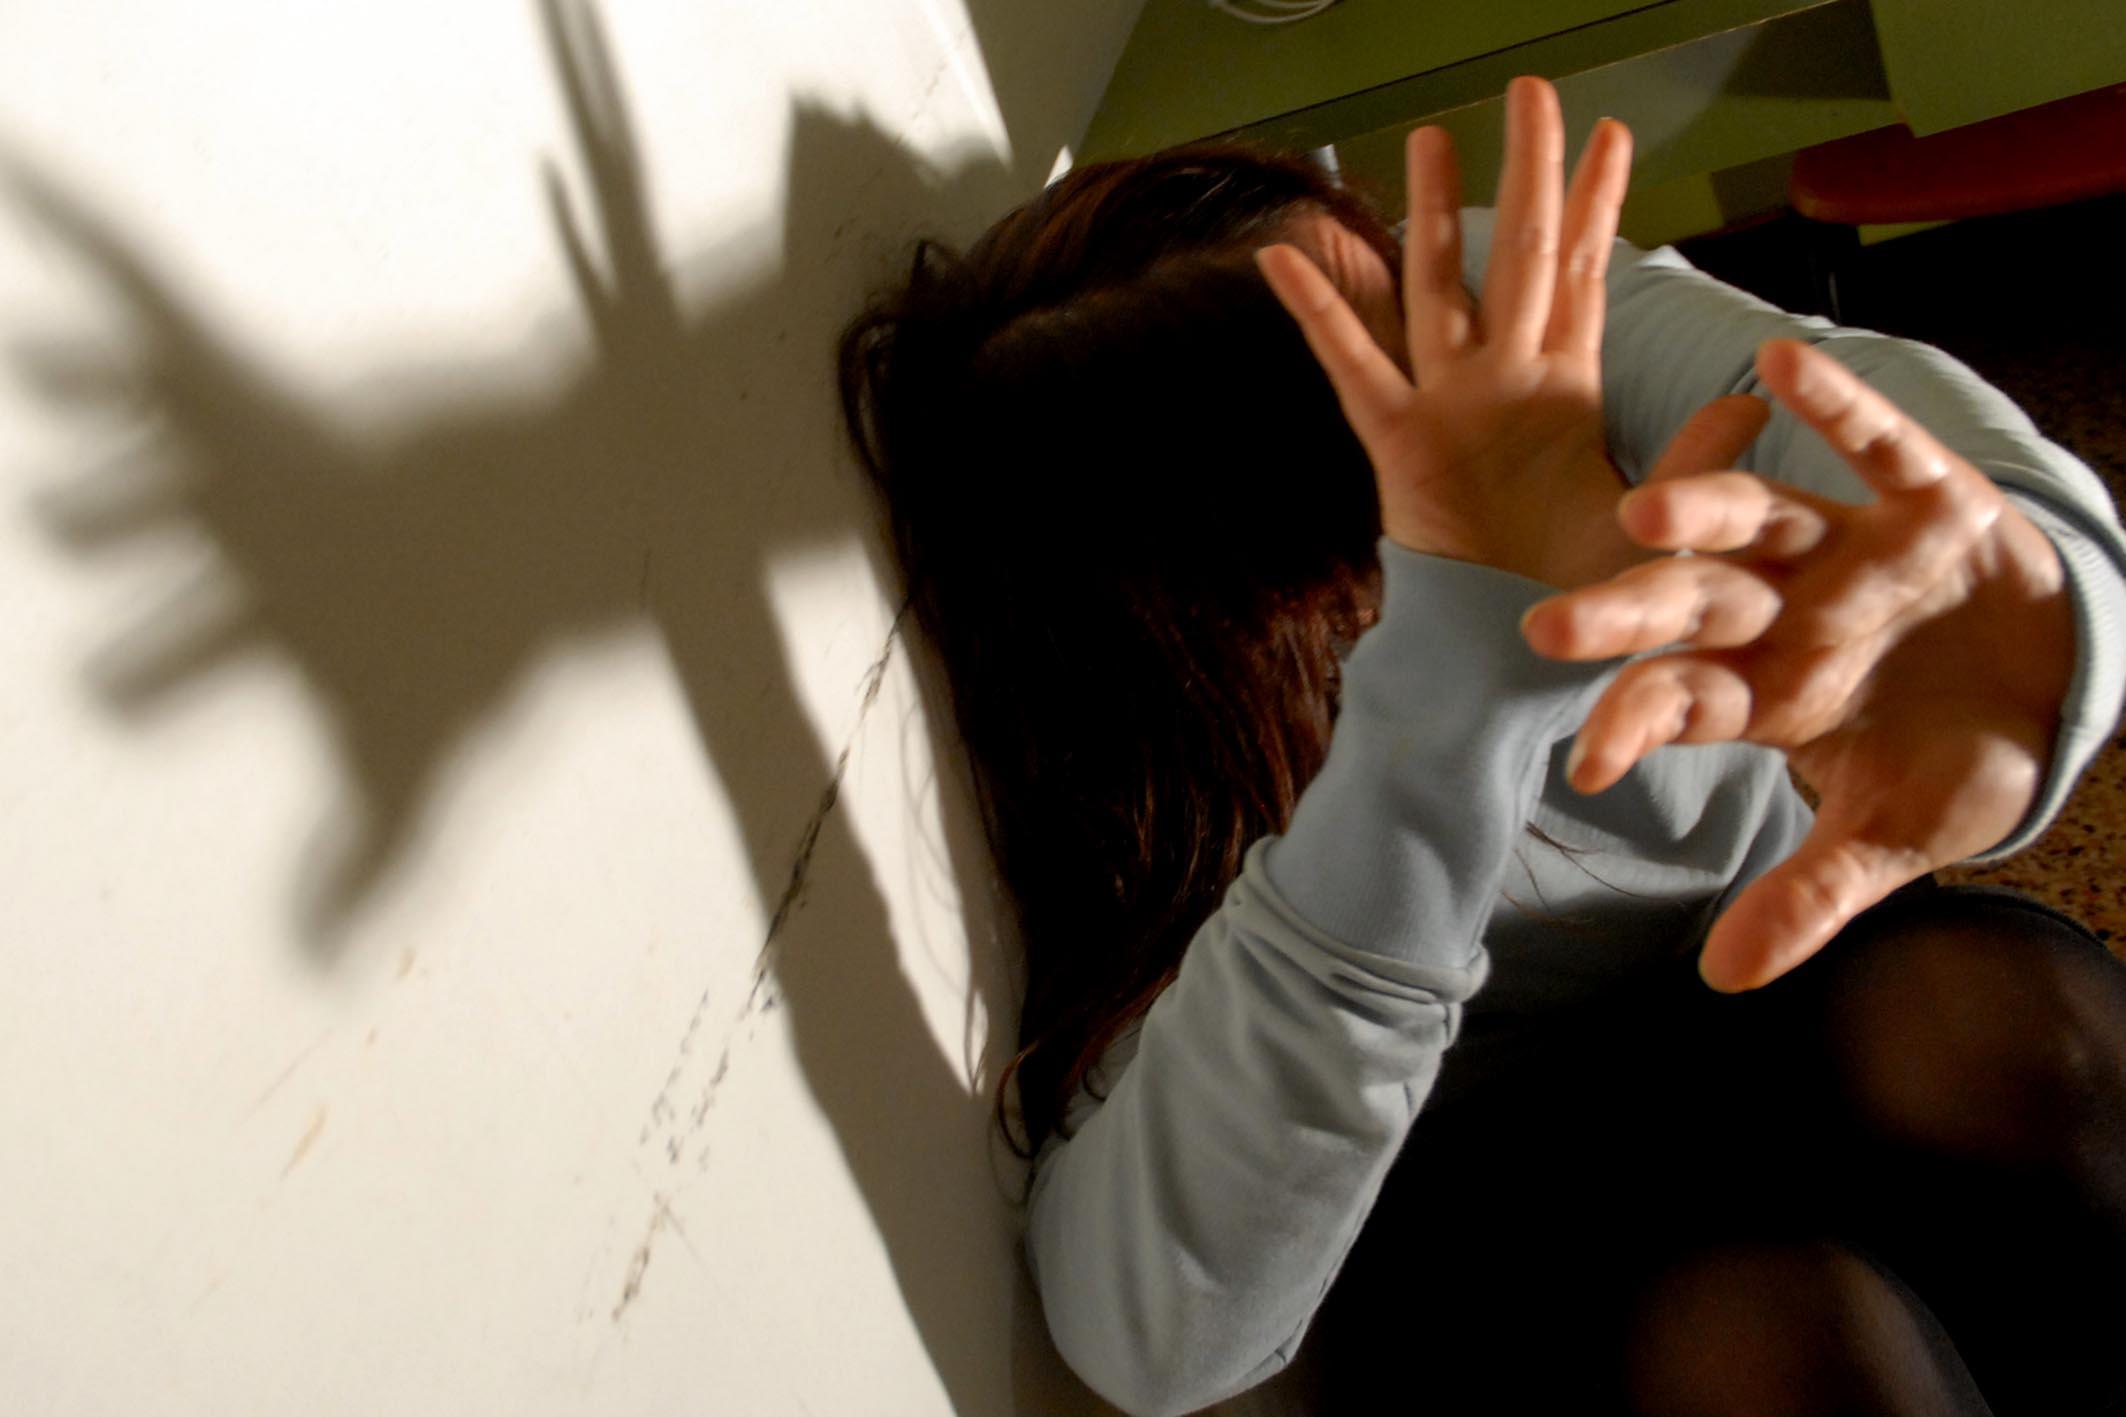 Studentessa violentata scrive una lettera aperta al suo stupratore